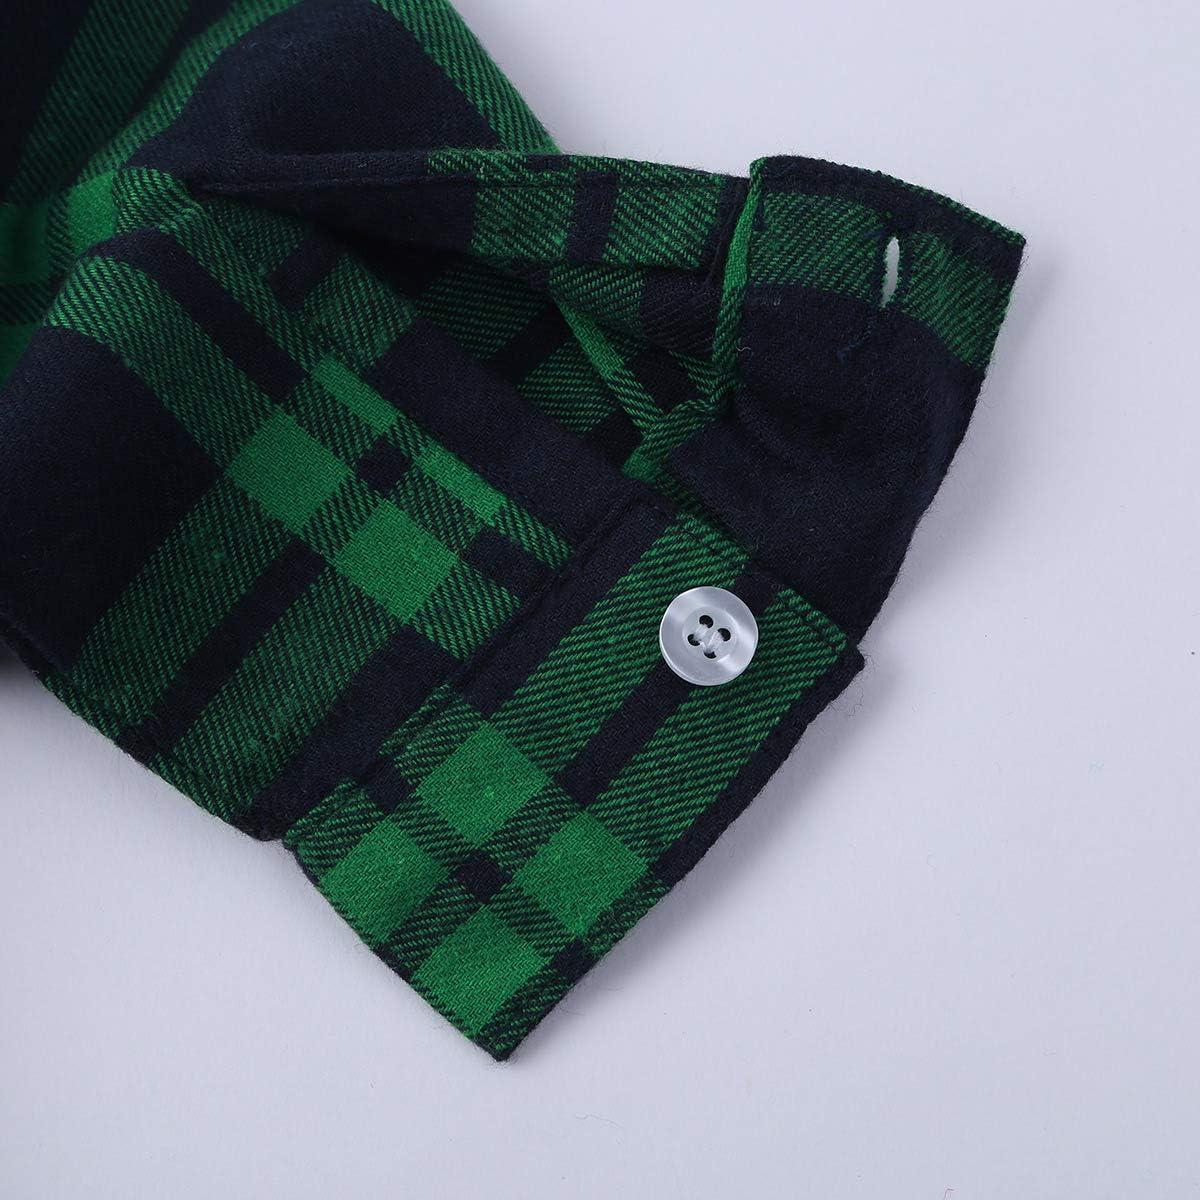 YiZYiF Enfant Gar/çon Chemise /à Manche Longue Chemise /à Carreaux Uniforme Scolaire Costume de Ecole Haut Coton Chemise C/ér/émonie Soir/ée Chemise de Mariage 18 Mois-10 Ans